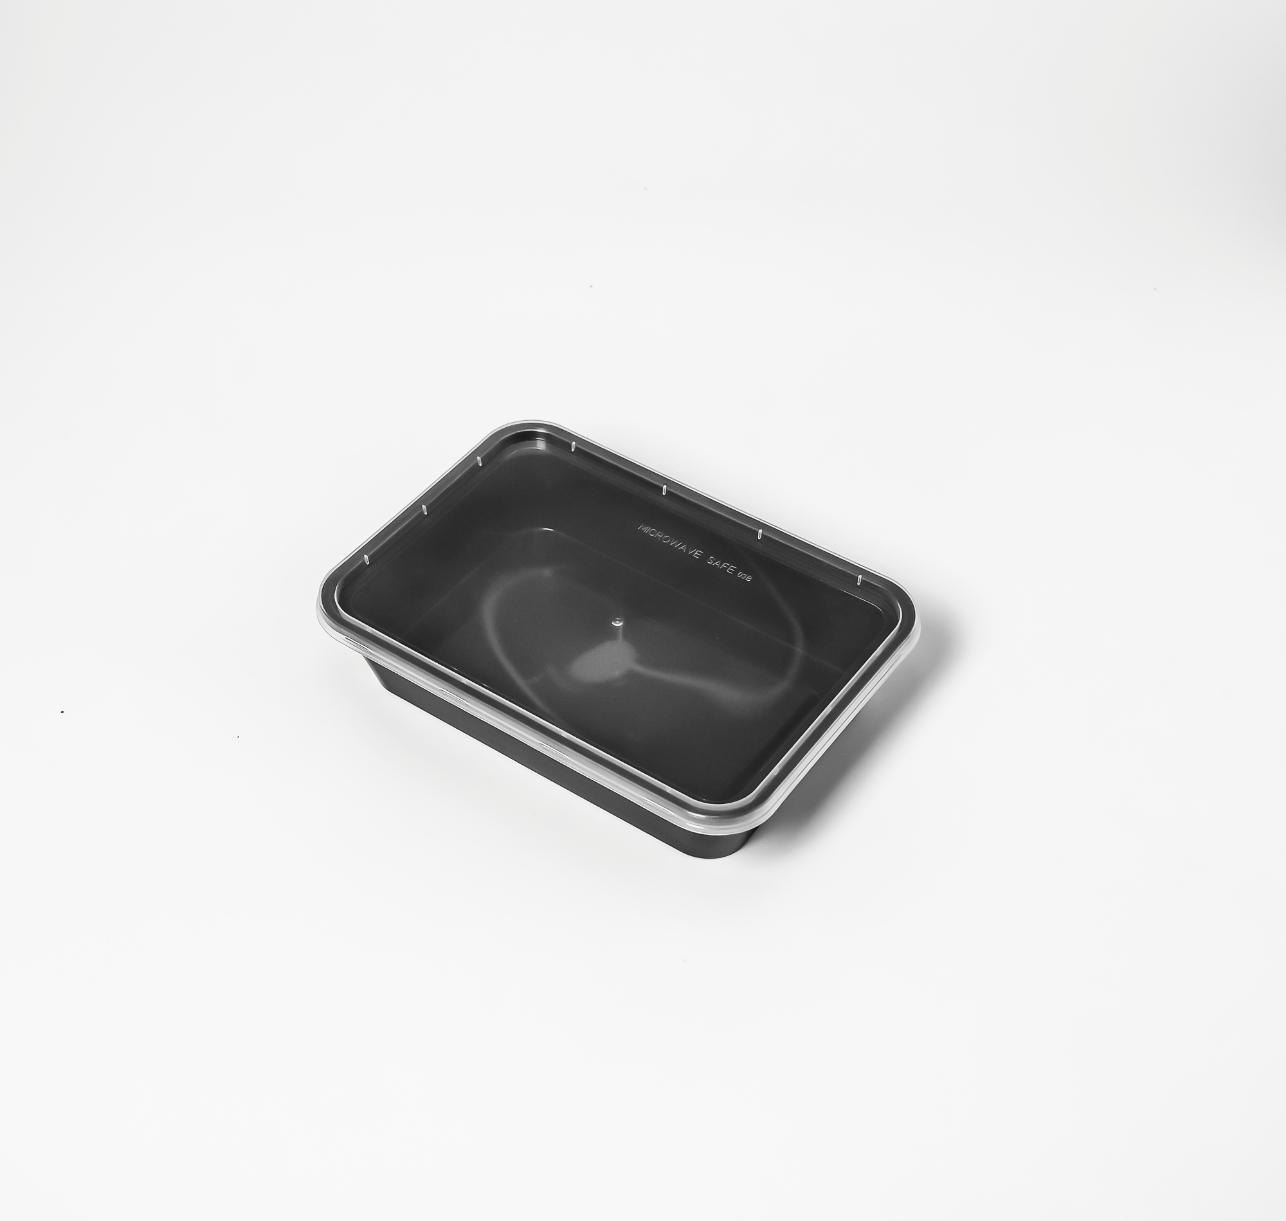 กล่องอาหารพลาสติก 1 ช่อง premium 500ml